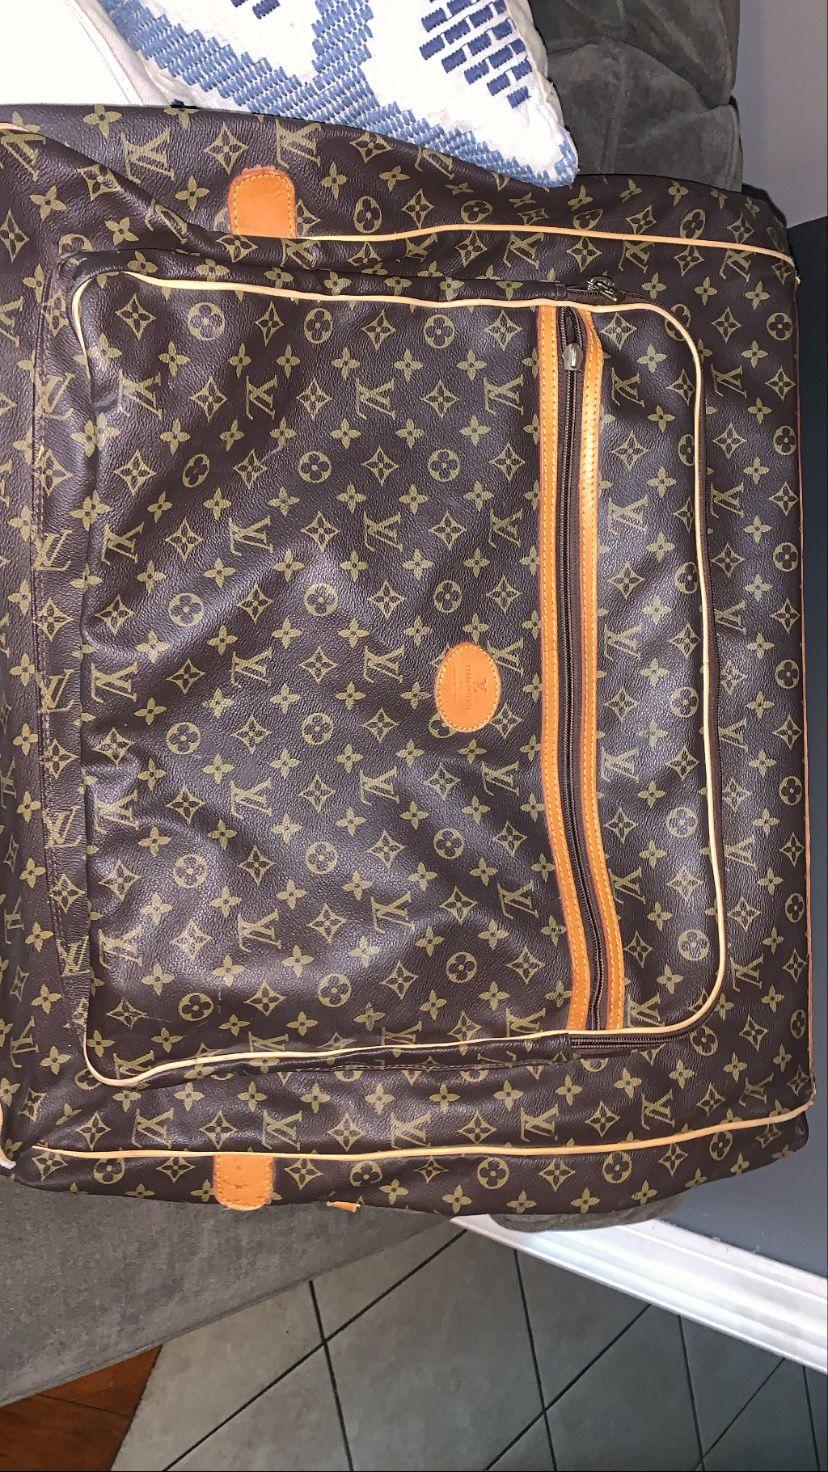 Authentic Louis Vuitton Monogram Garment Travel Bag